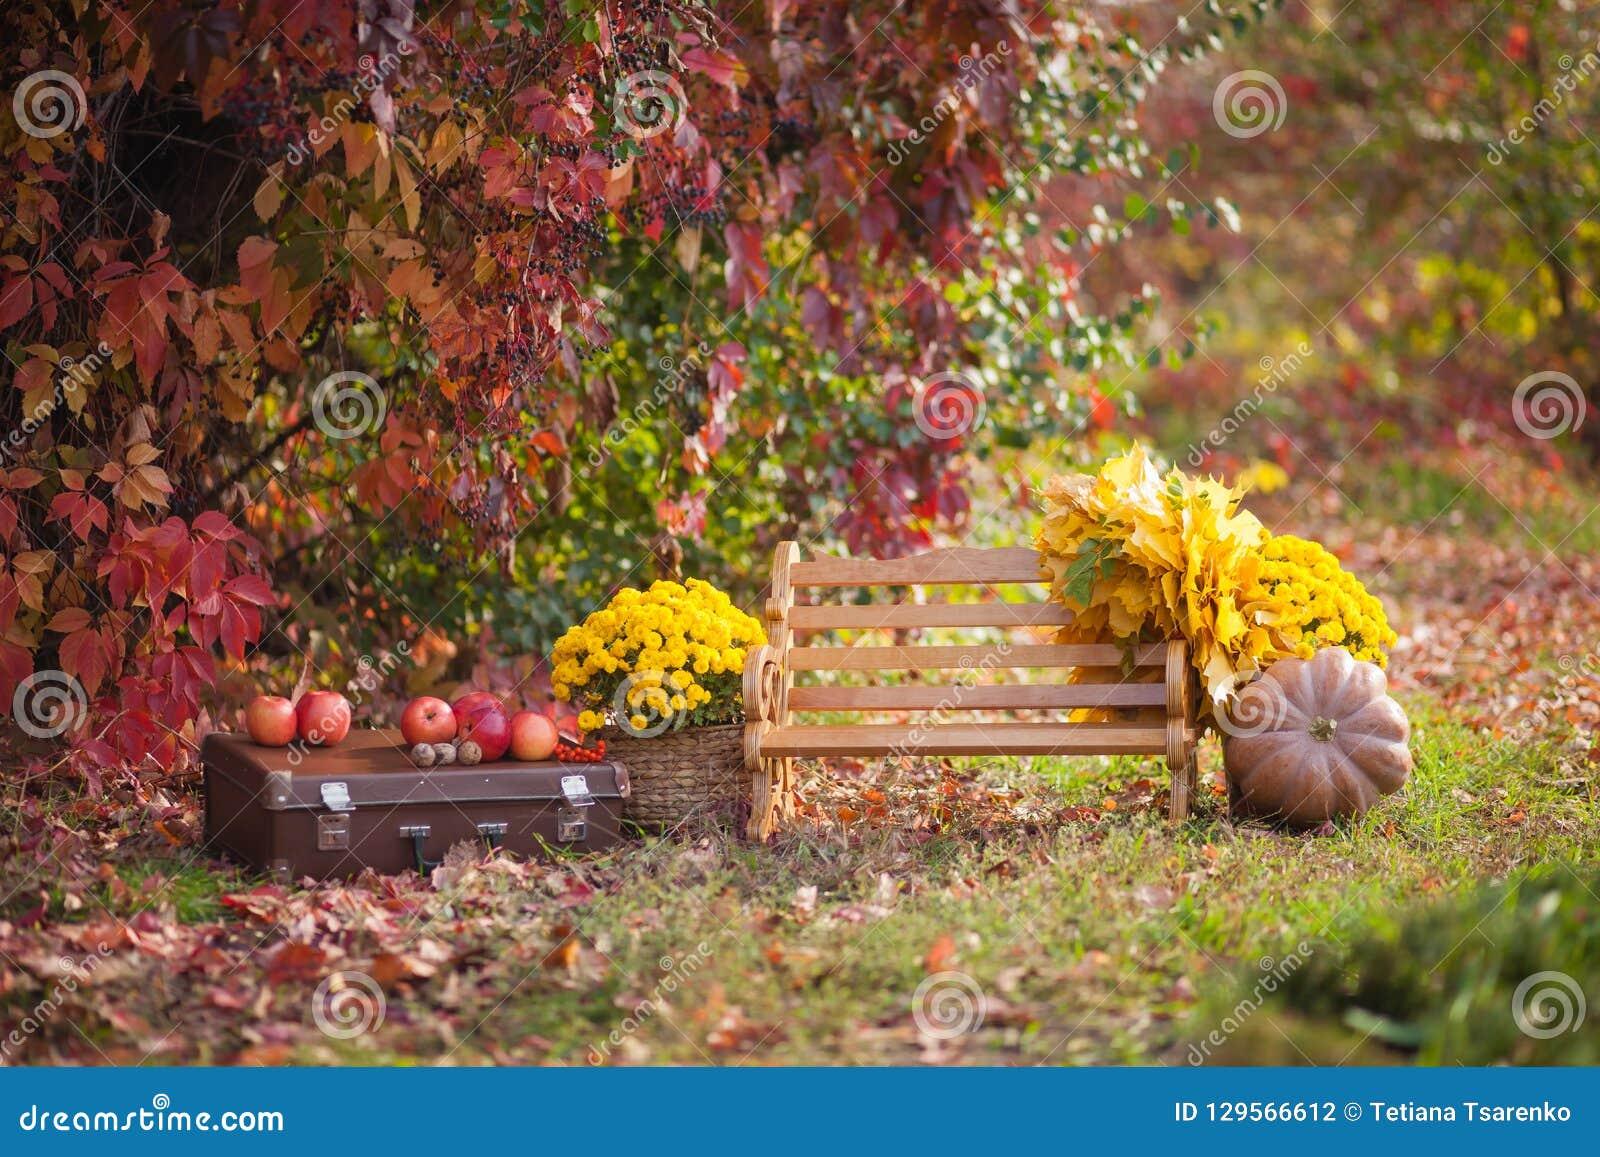 Drewniana ławka w jesień parku, klatka piersiowa, kwiaty, banie z jabłkami, atmosferyczna jesień